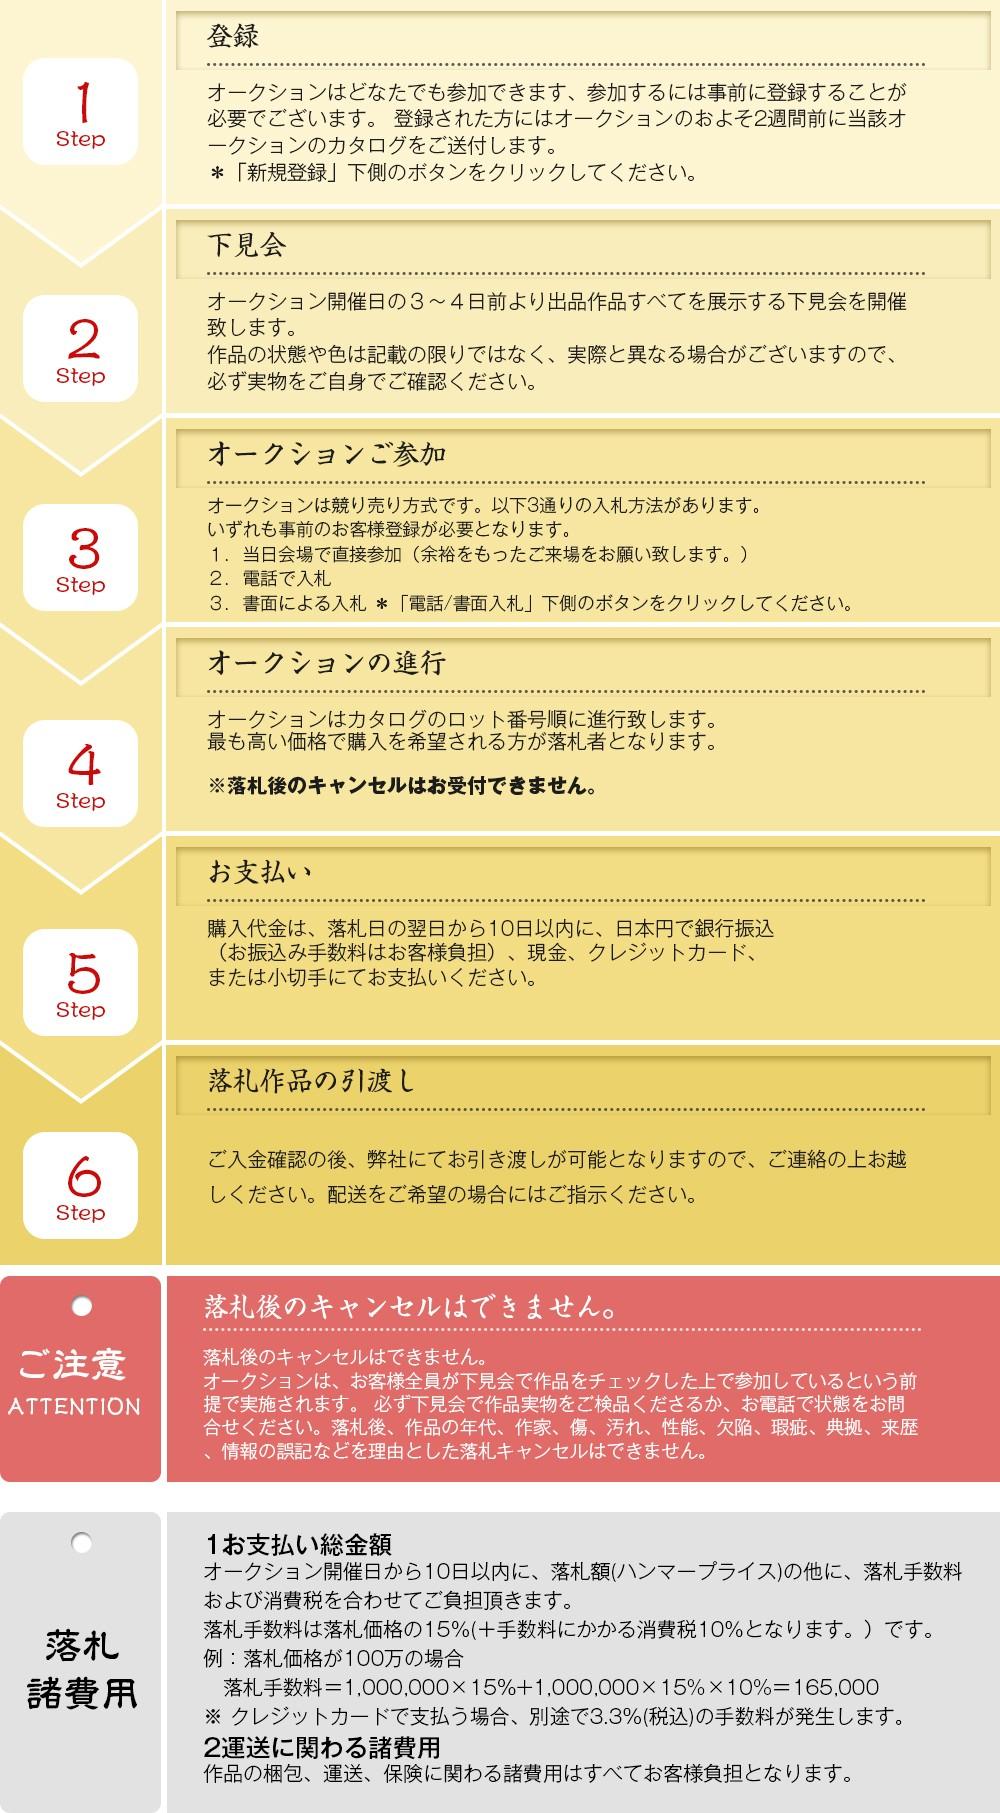 落札ガイド_03.jpg